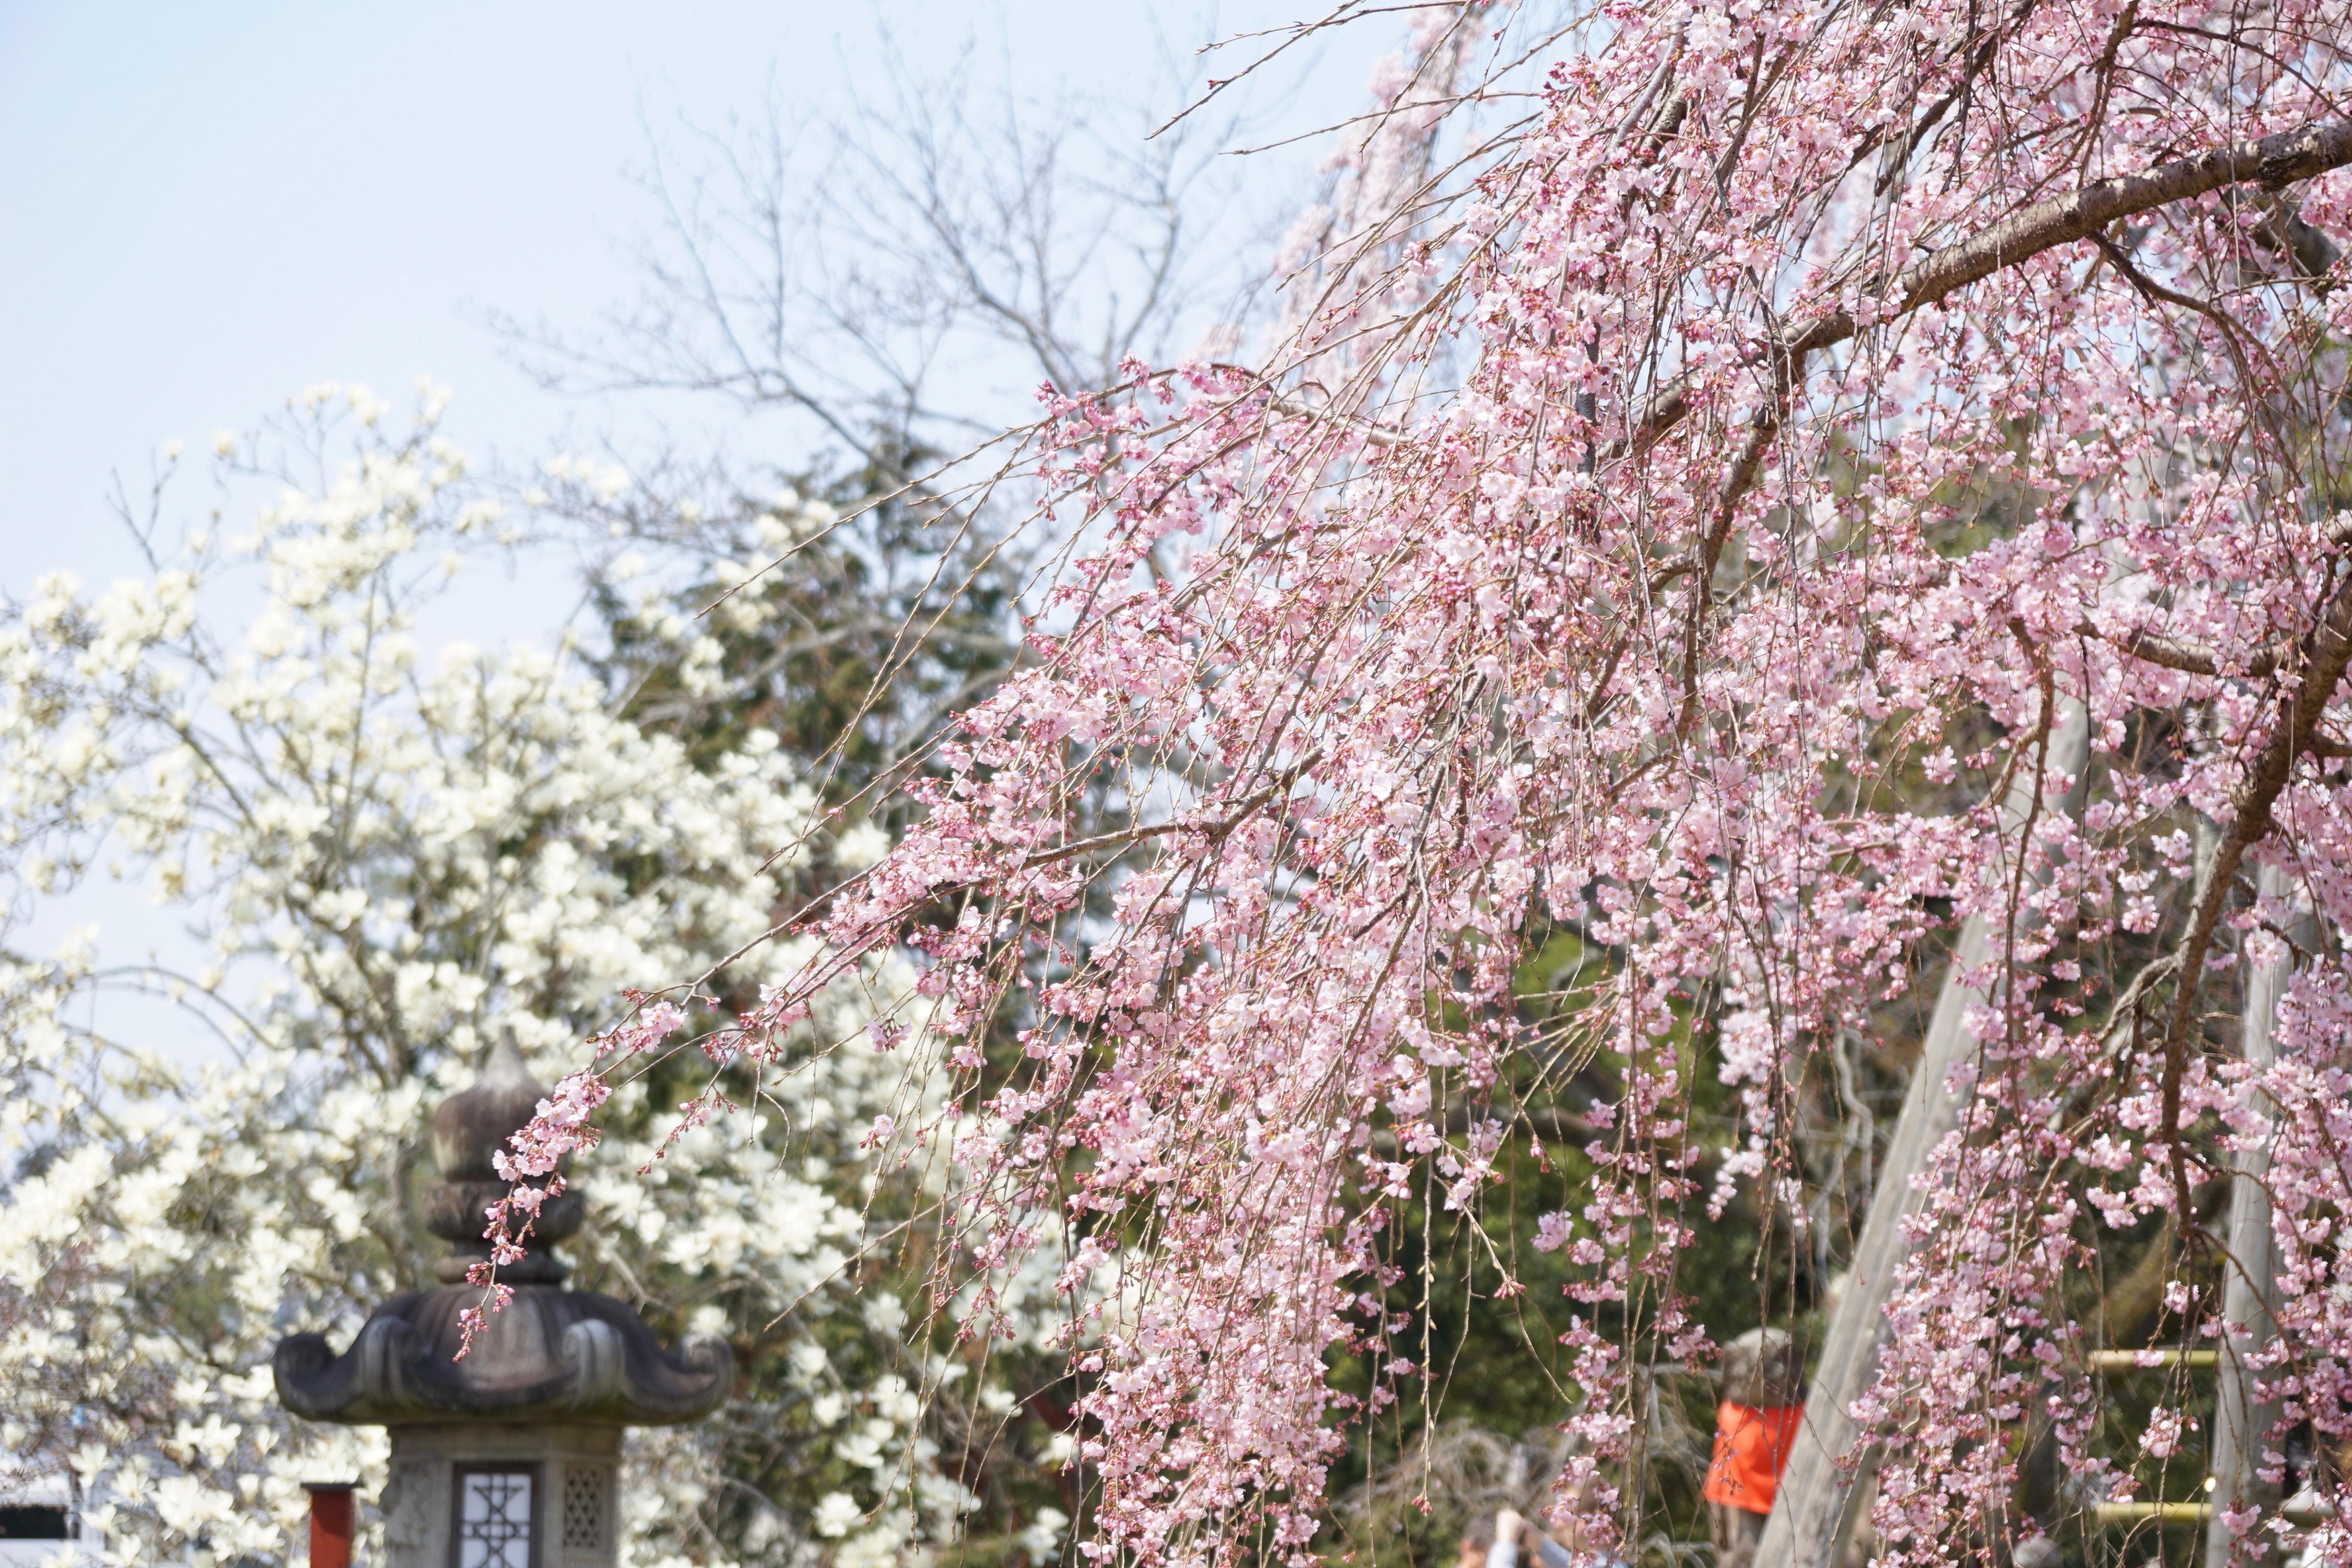 ハクモクレンとしだれ桜がとても綺麗でした。